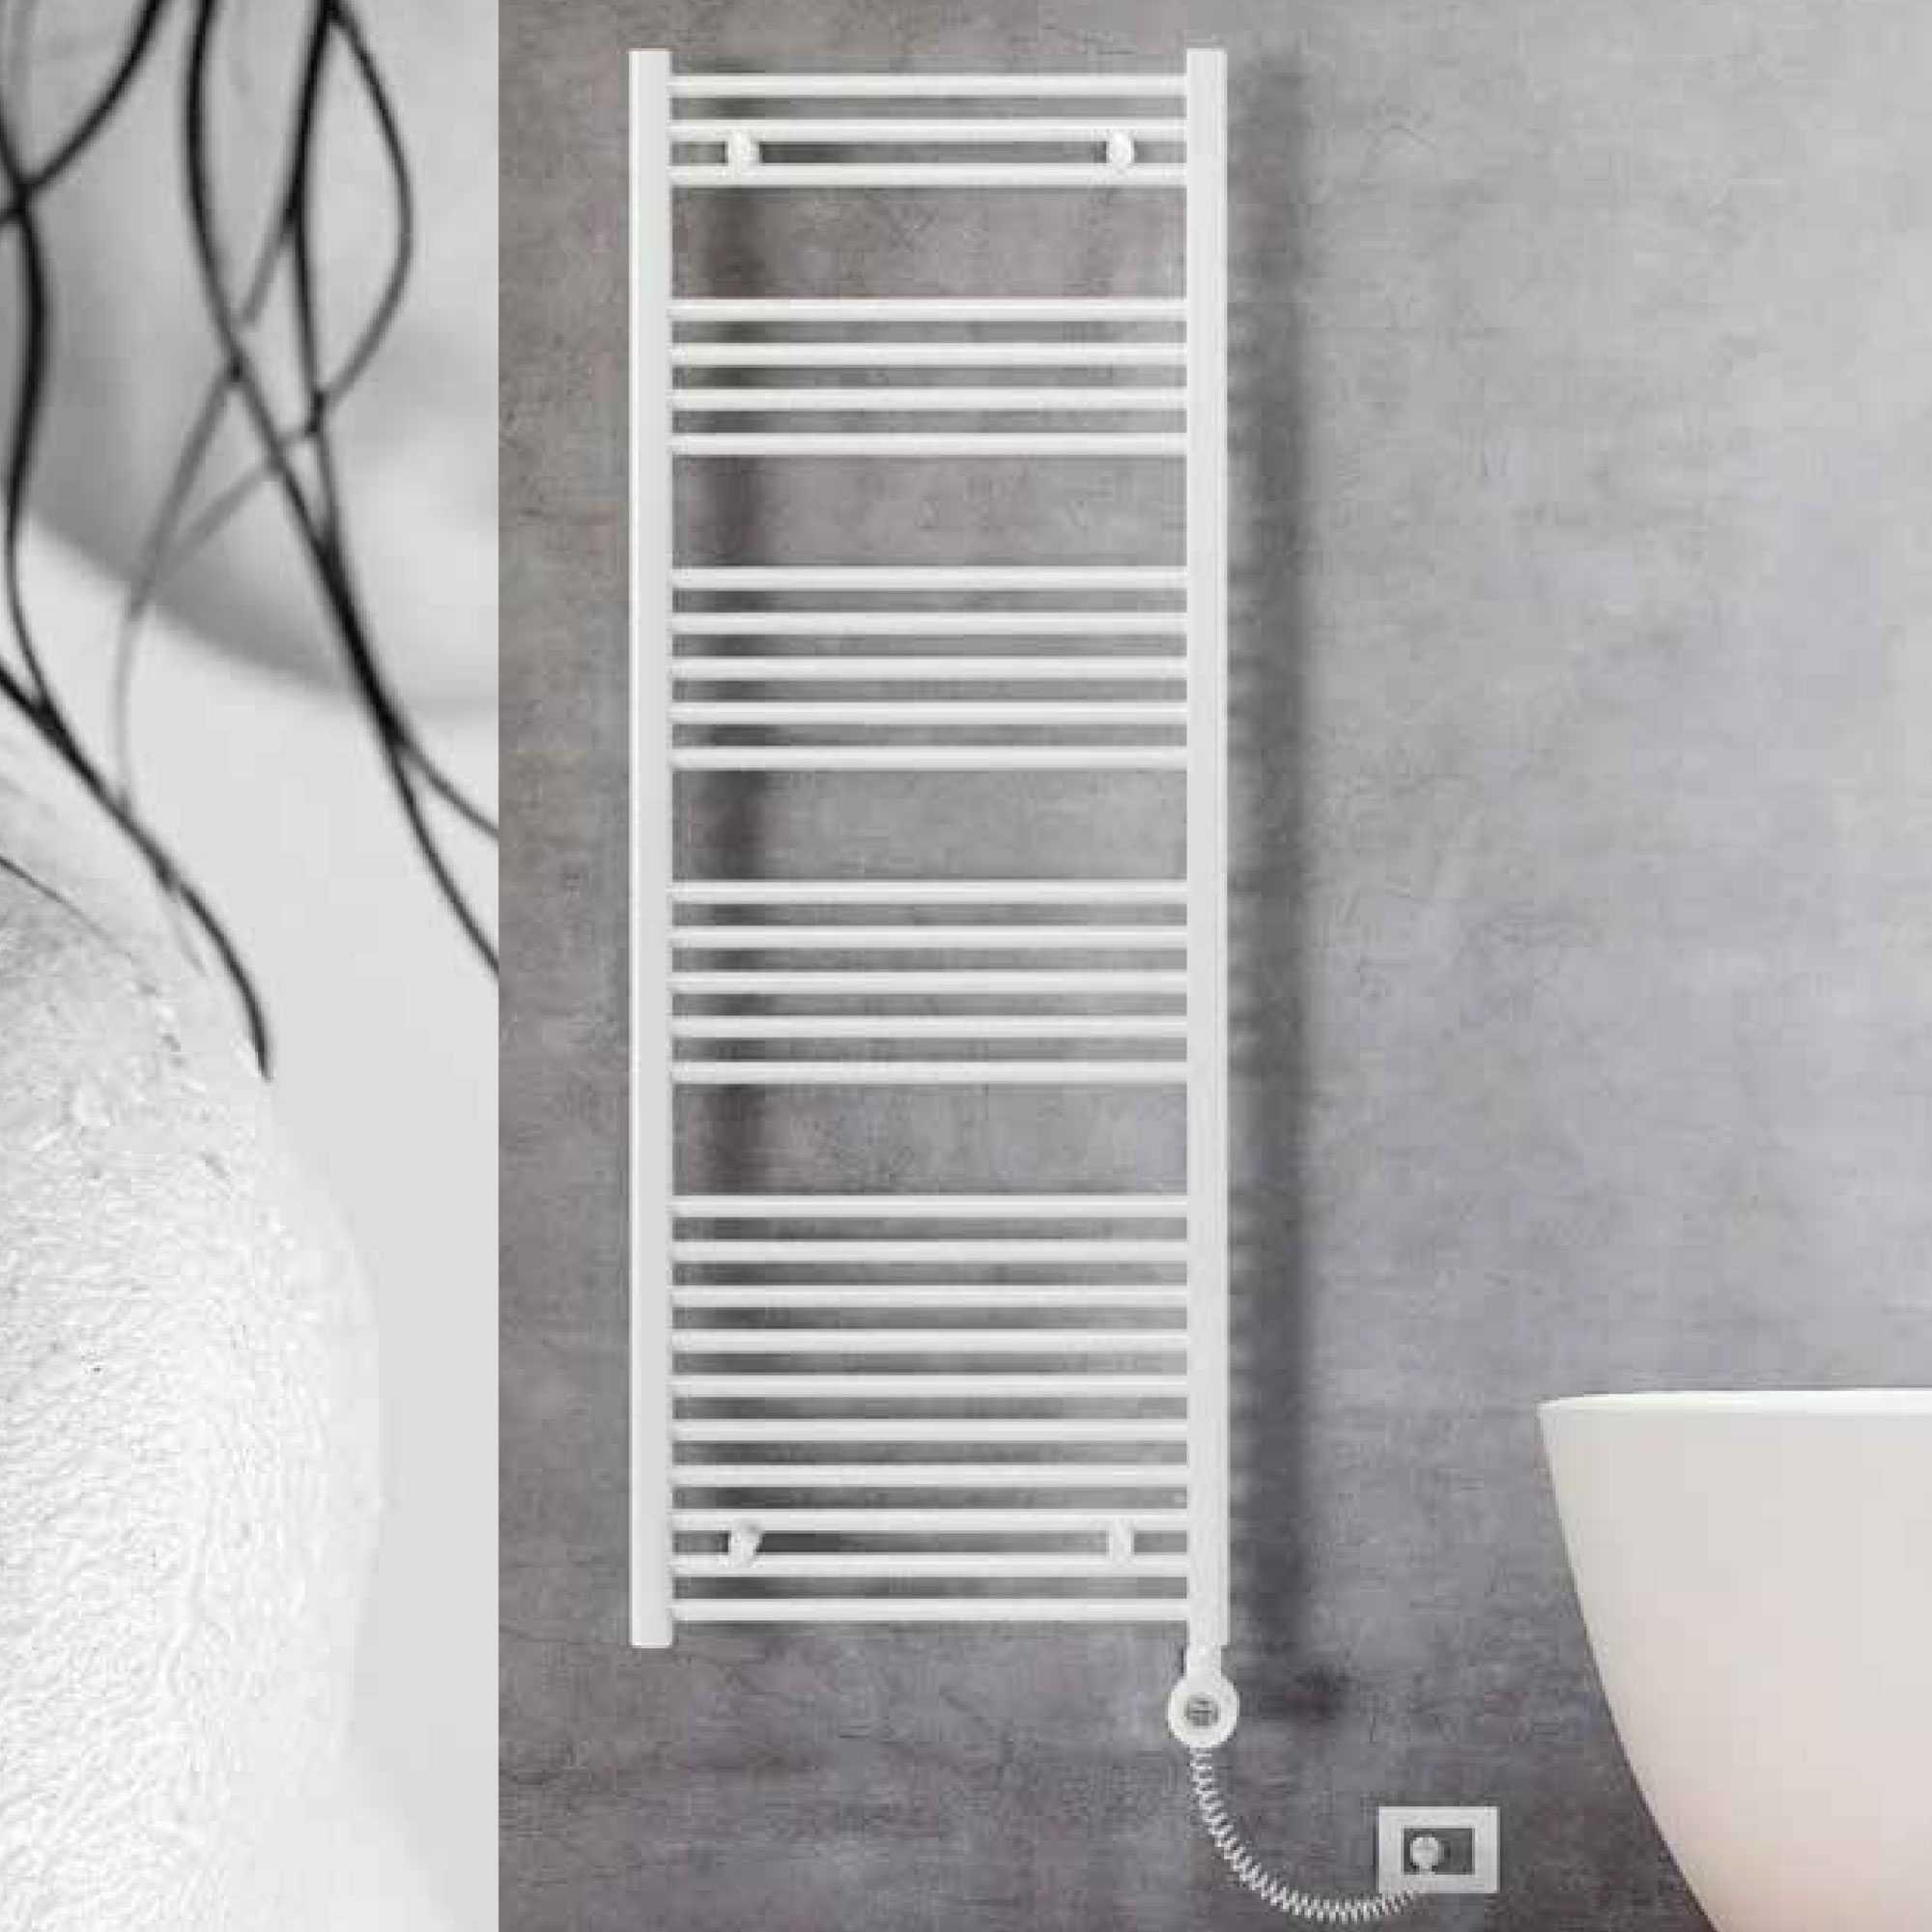 Termoarredo elettrico bianco 1600x500 Lazzarini E-Bolzano 750 watt con termostato